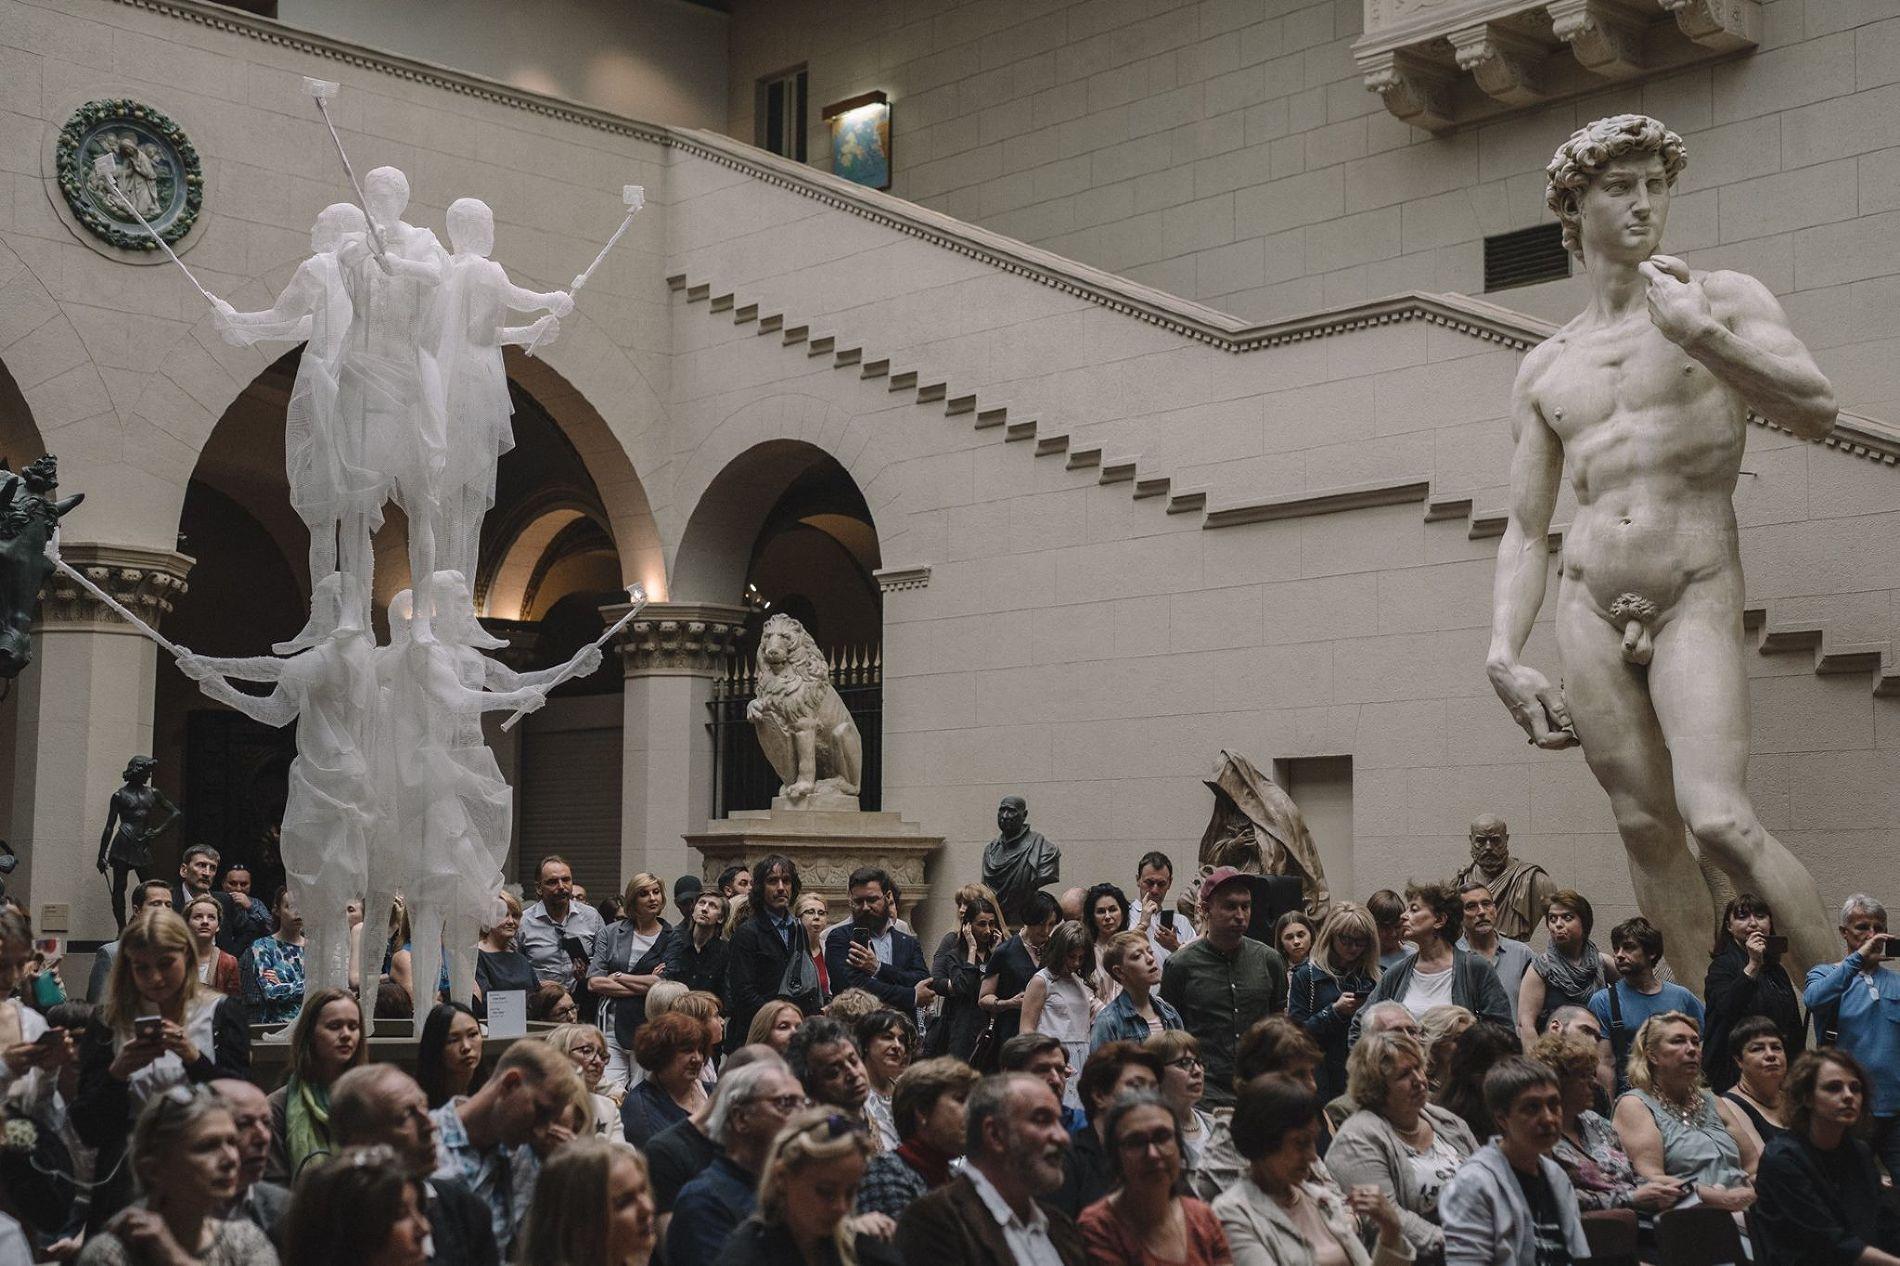 Открытие выставки арт-группы Recycle в Пушкинском музее в 2017 году ©Фото со страницы Triumph Gallery в фейсбуке, facebook.com/triumphgallery